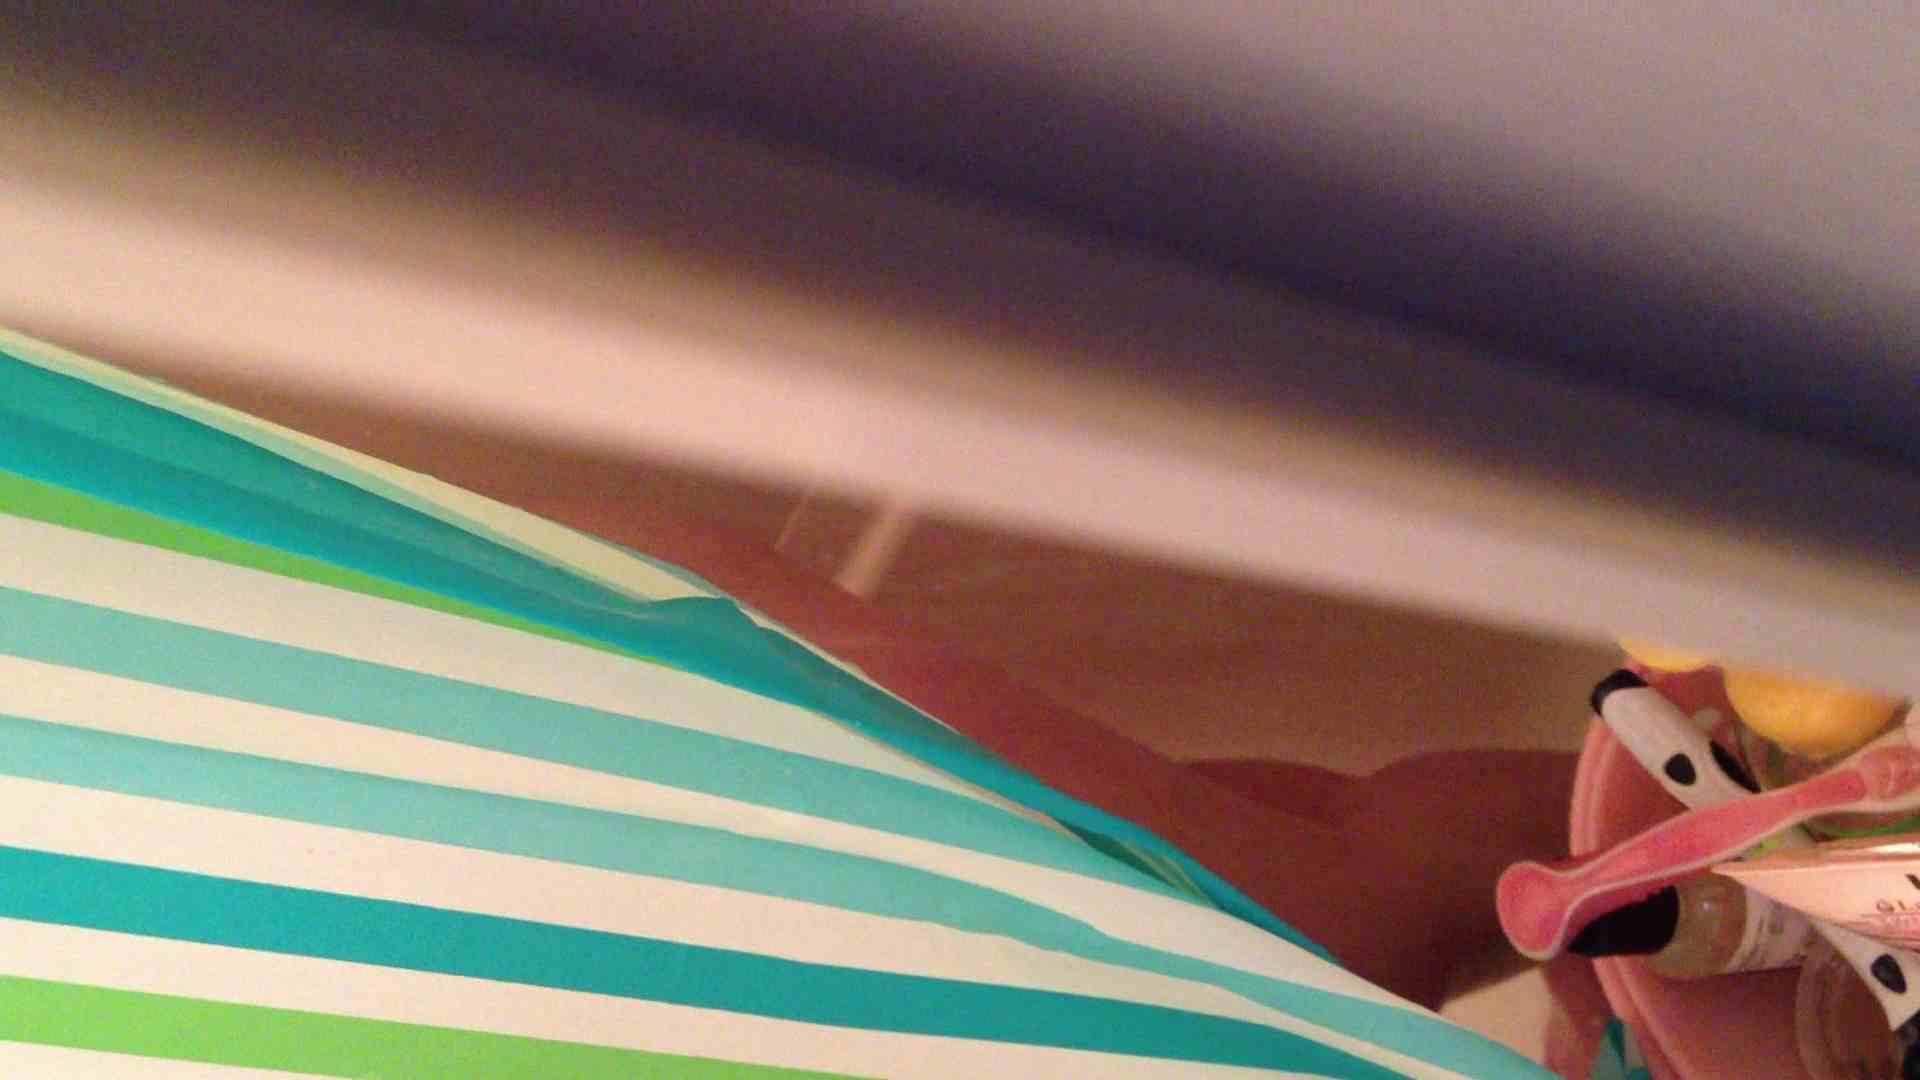 16(16日目)シャワー中にムダ毛処理をする彼女 パイパン  55PIX 28